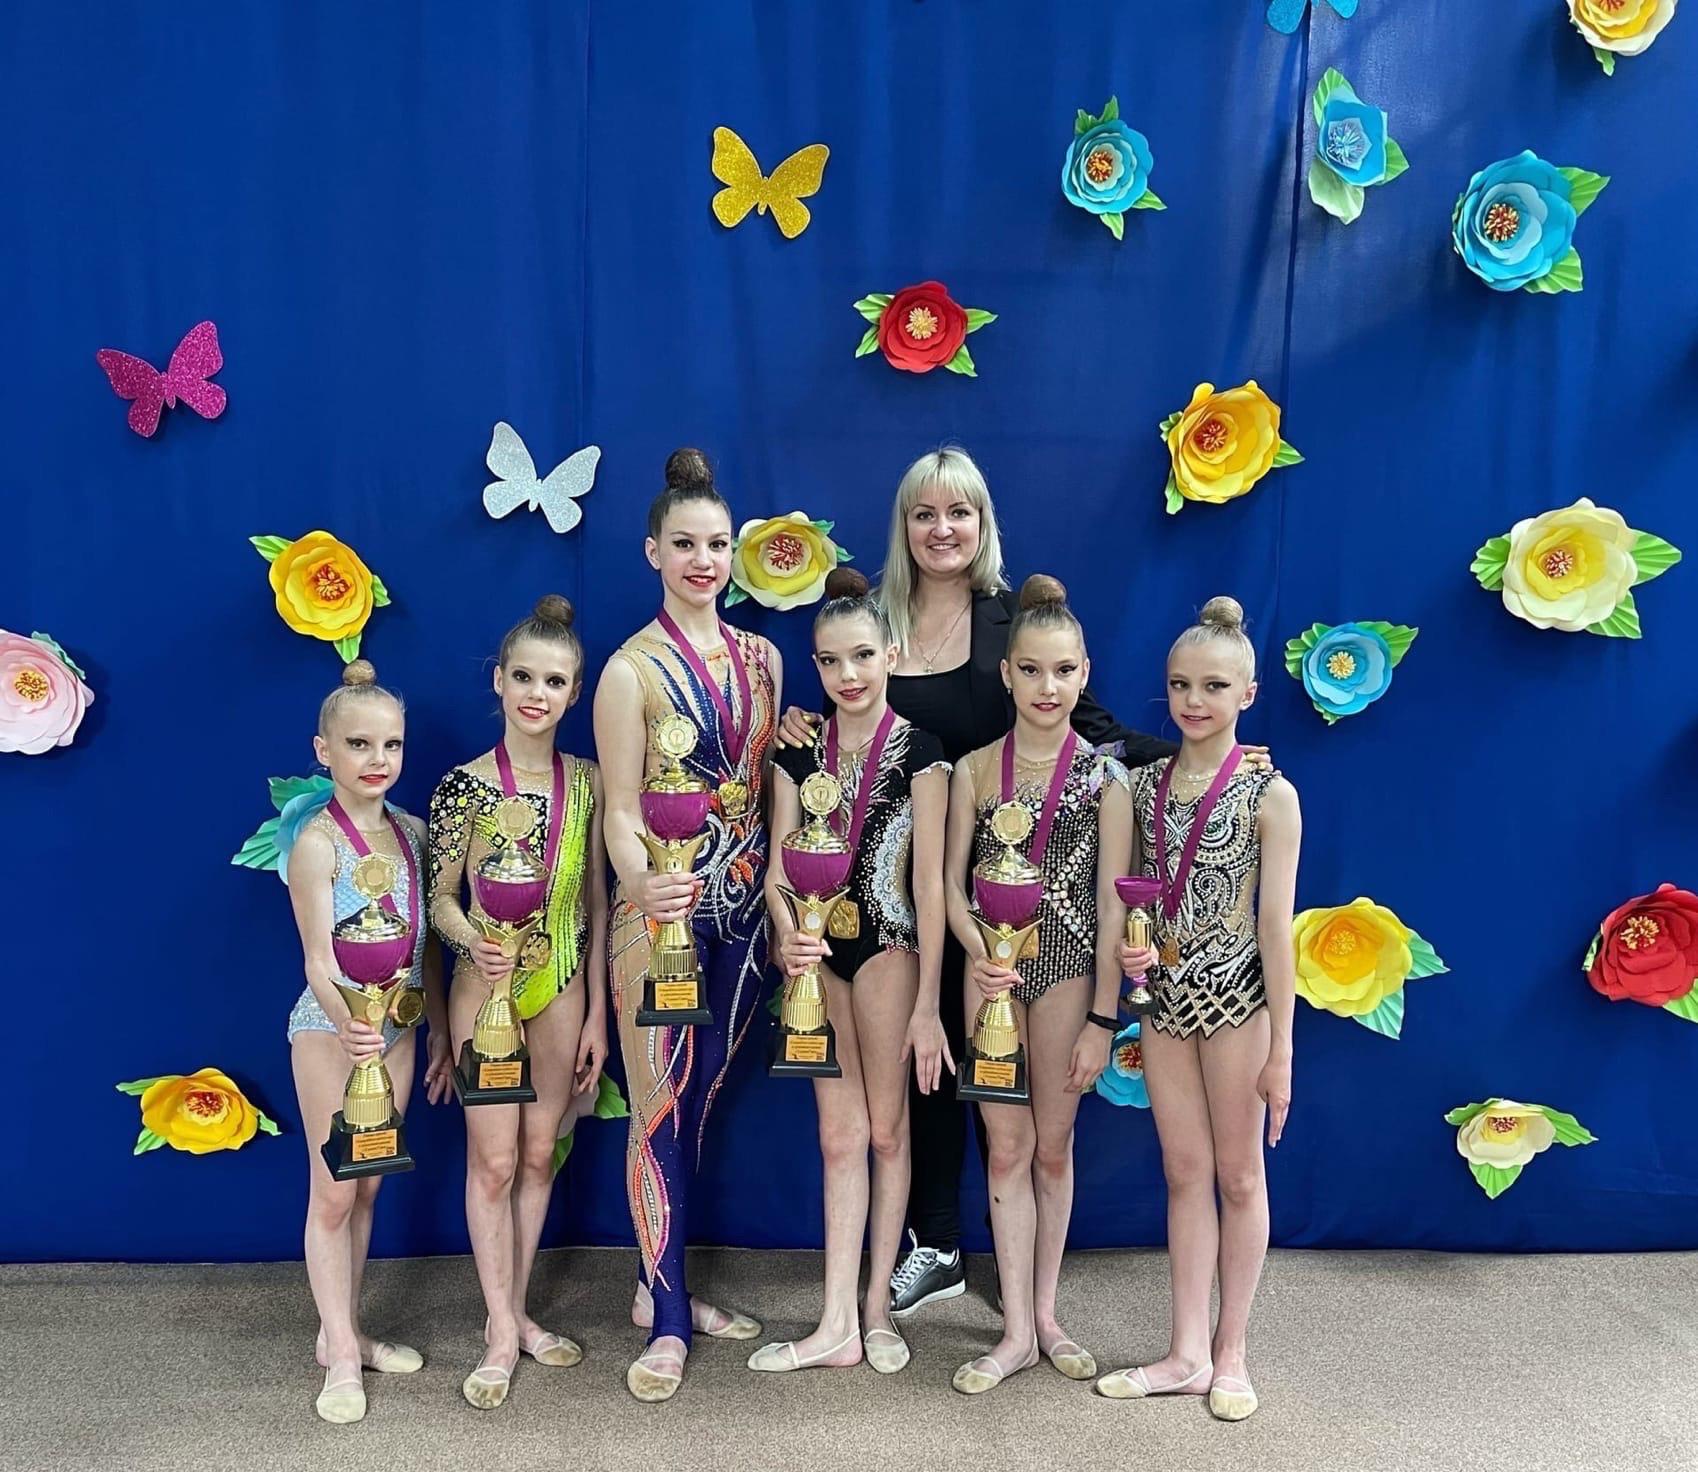 4-6 июня в г. Минеральные воды прошло открытое Первенство на призы Главы Минераловодовского района по художественной гимнастике.